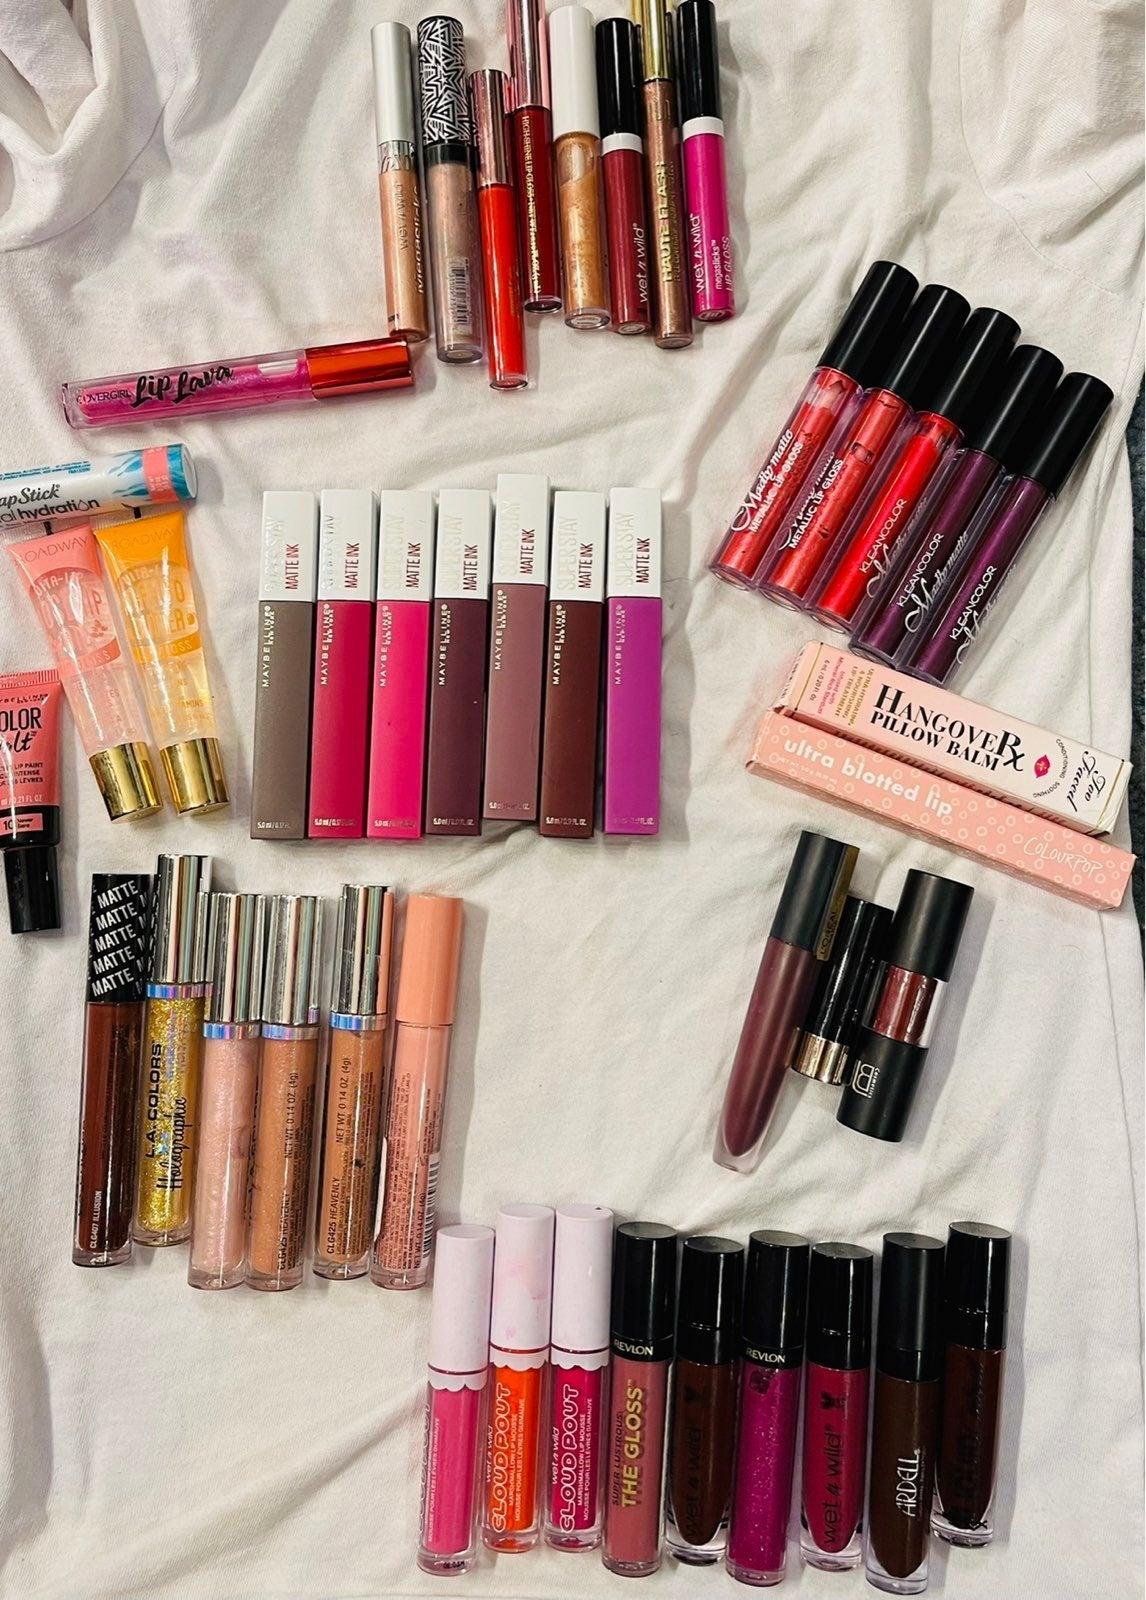 Lot of lip glosses